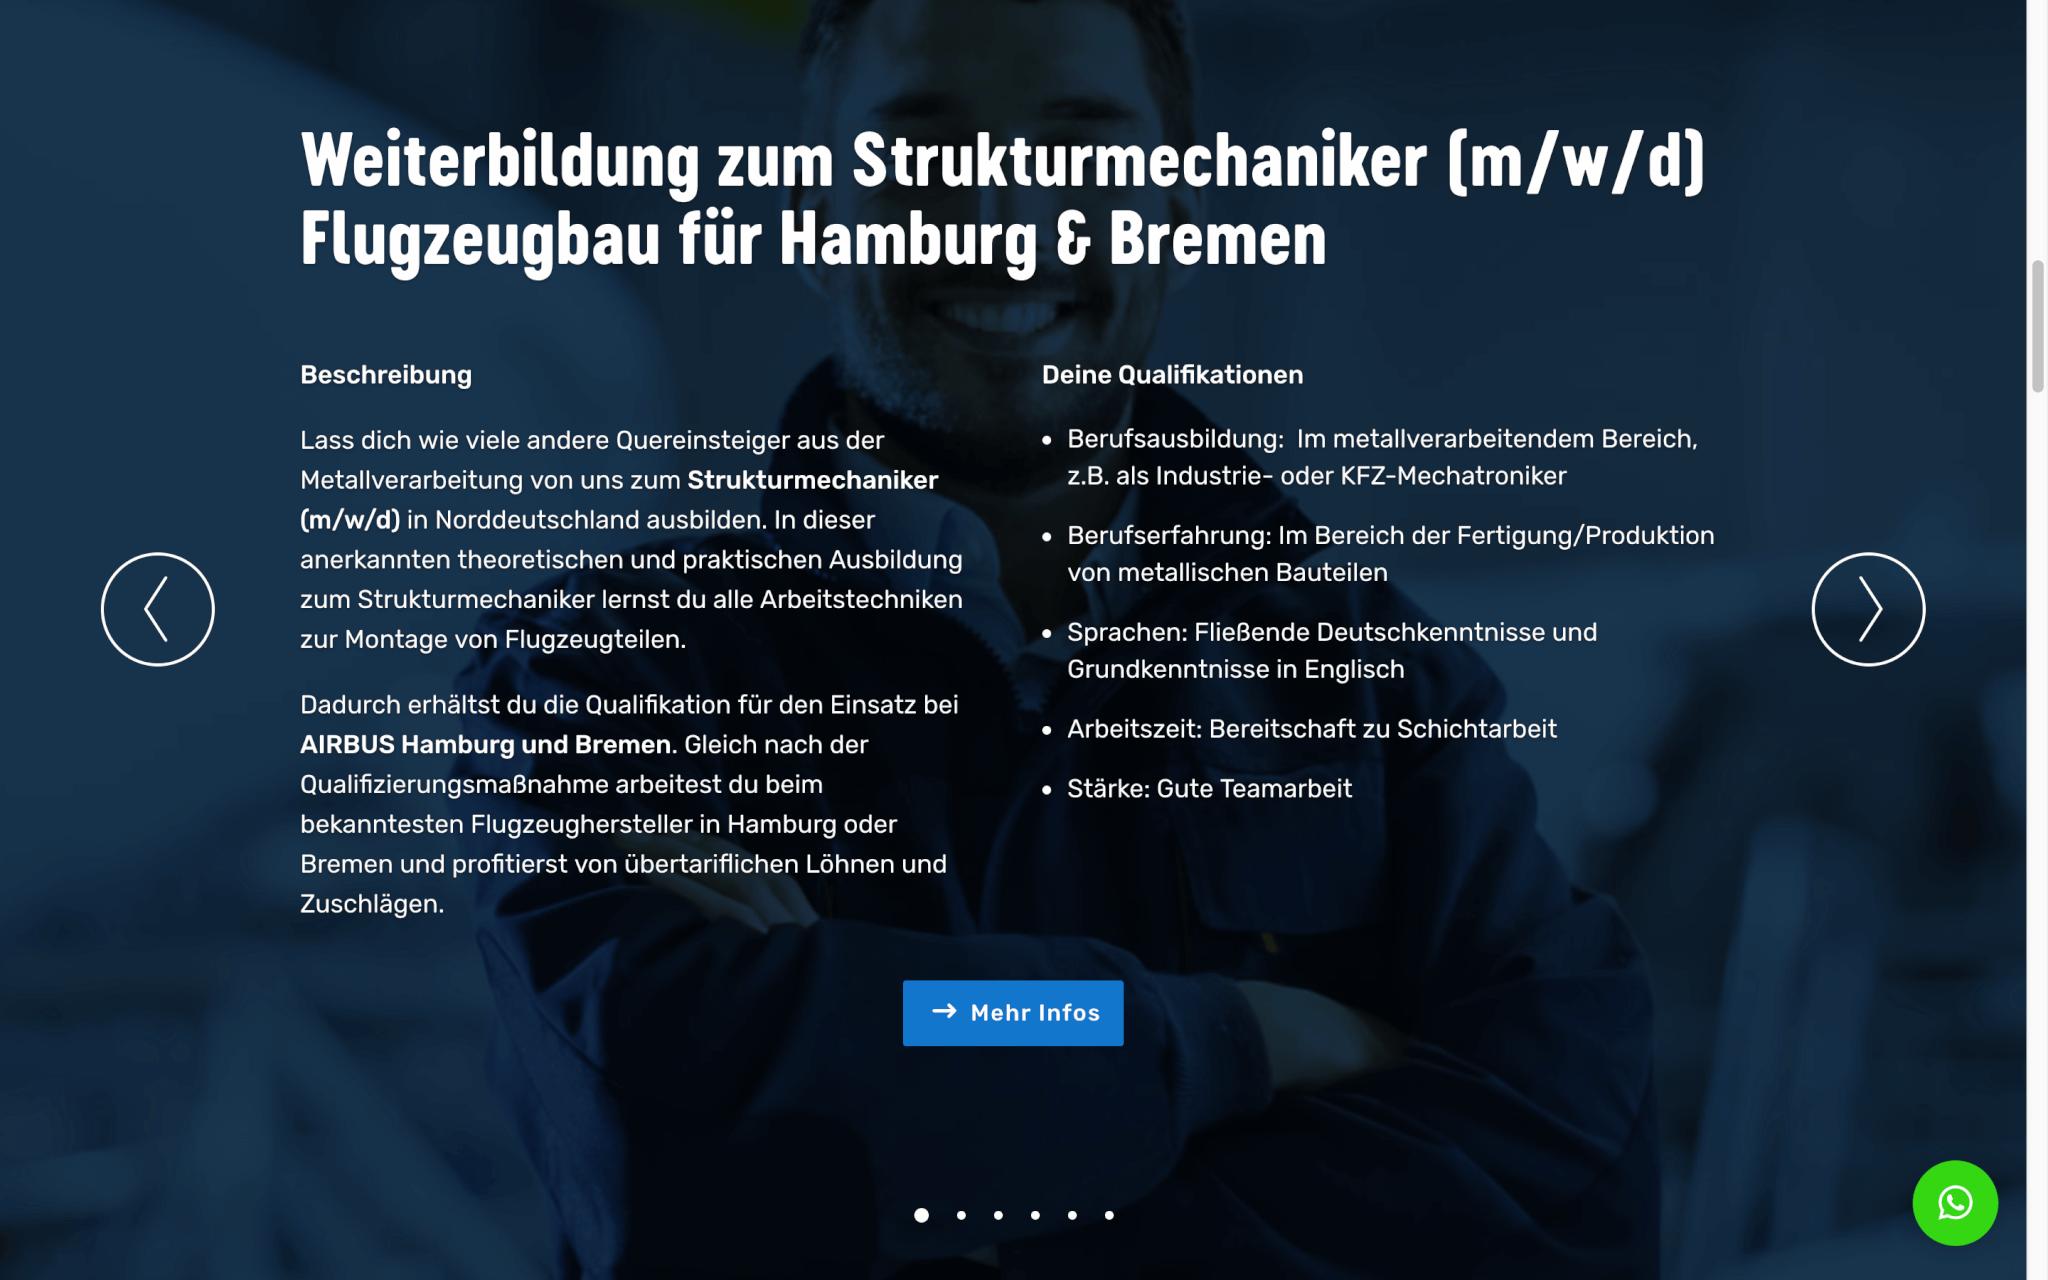 www.agilios-akademie.de_weiterbildungen_